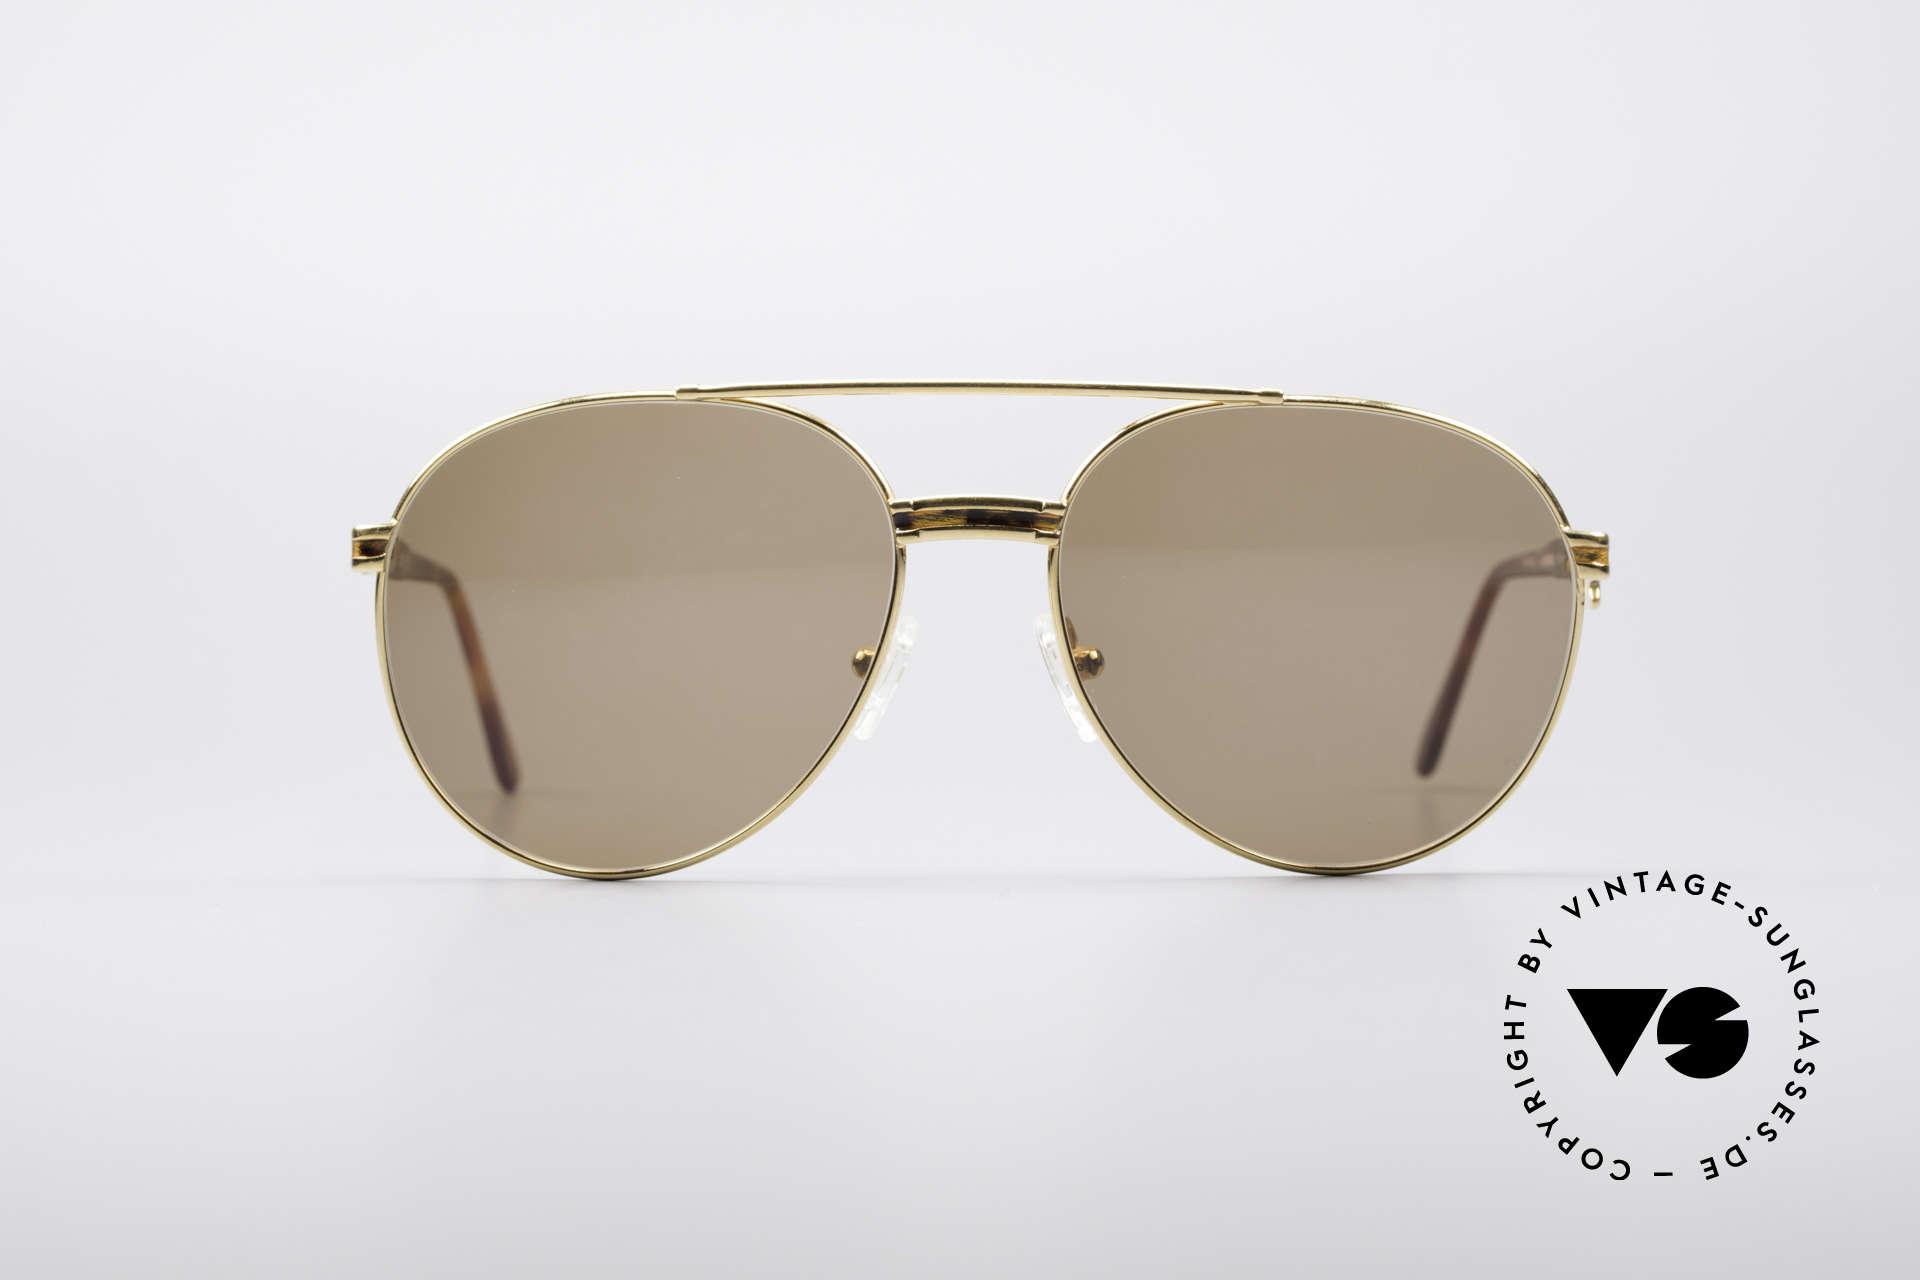 Derapage D2 Vintage No Retro Brille, zeitlos elegante Kombination d. Materialien & Farben, Passend für Herren